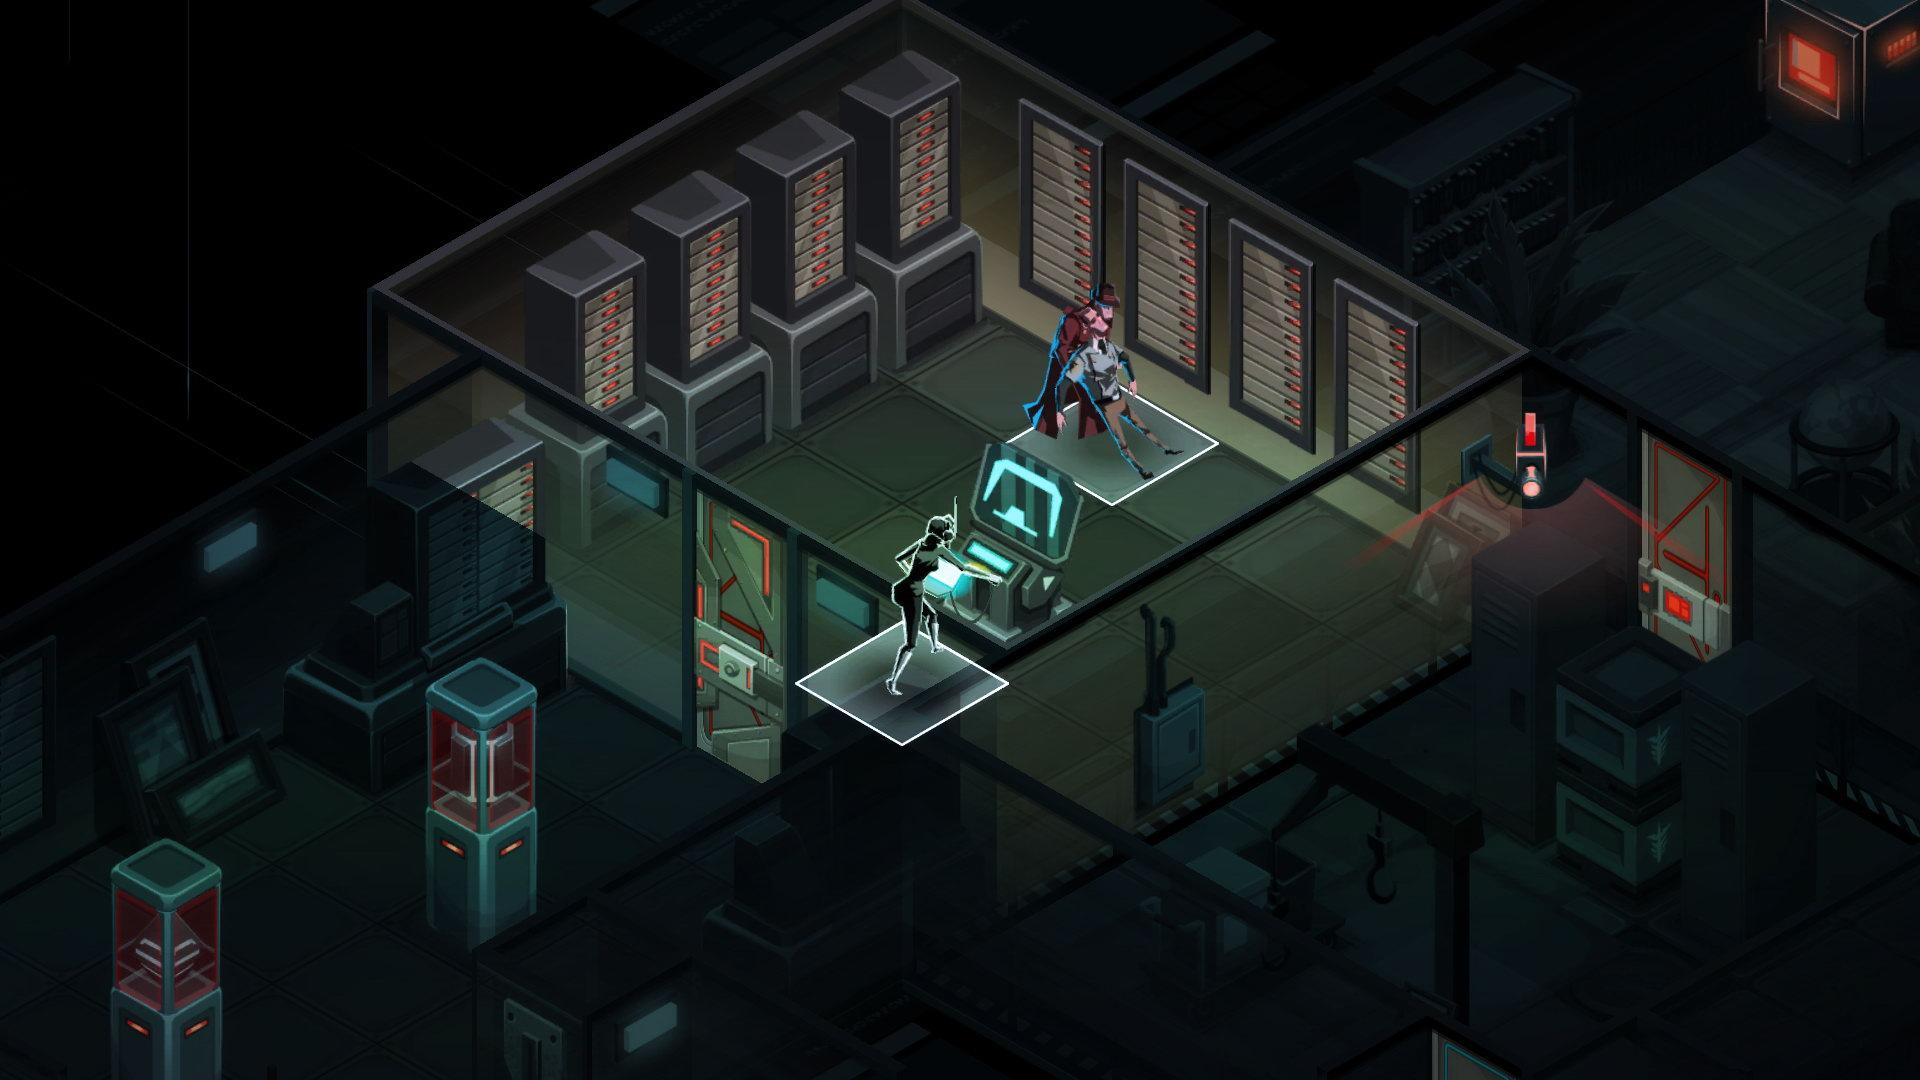 《赛博朋克2077》被玩家赞爆 赛博朋克风格游戏推荐